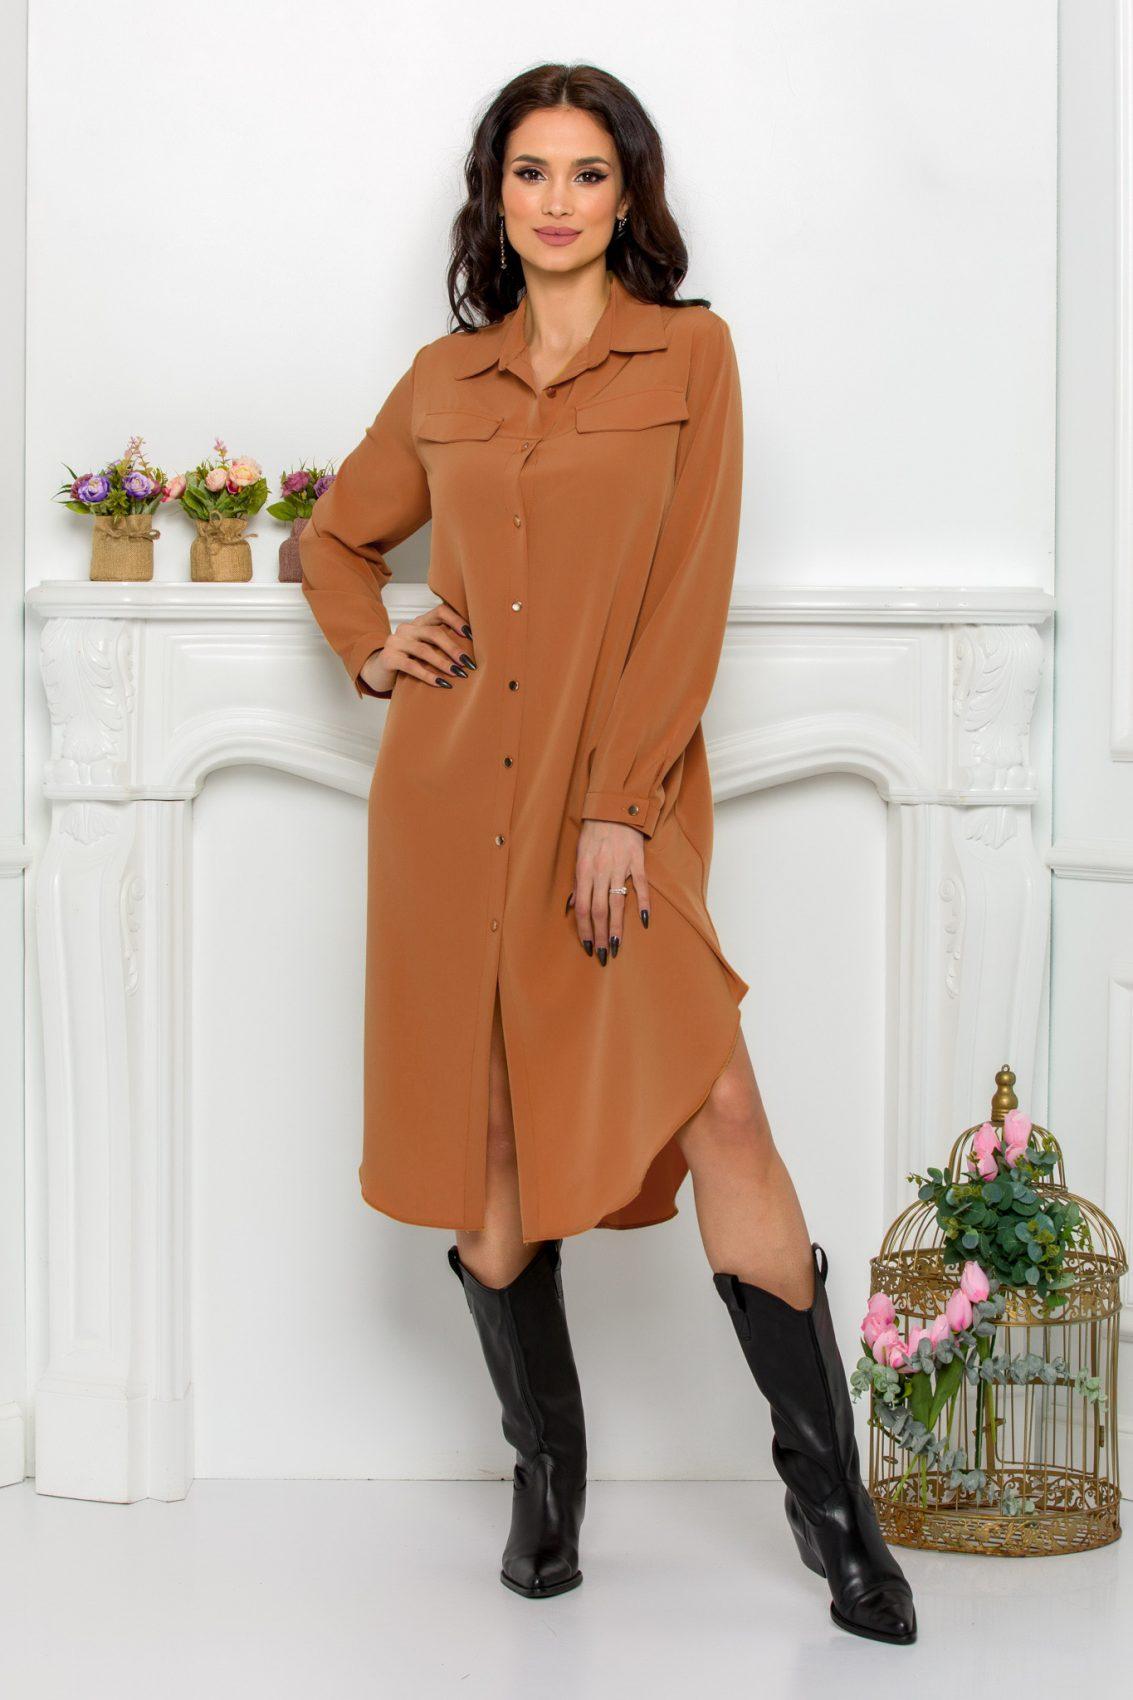 Καραμελέ Φόρεμα Πουκάμισο Μεγάλα Μεγέθη Kandy 9645 1